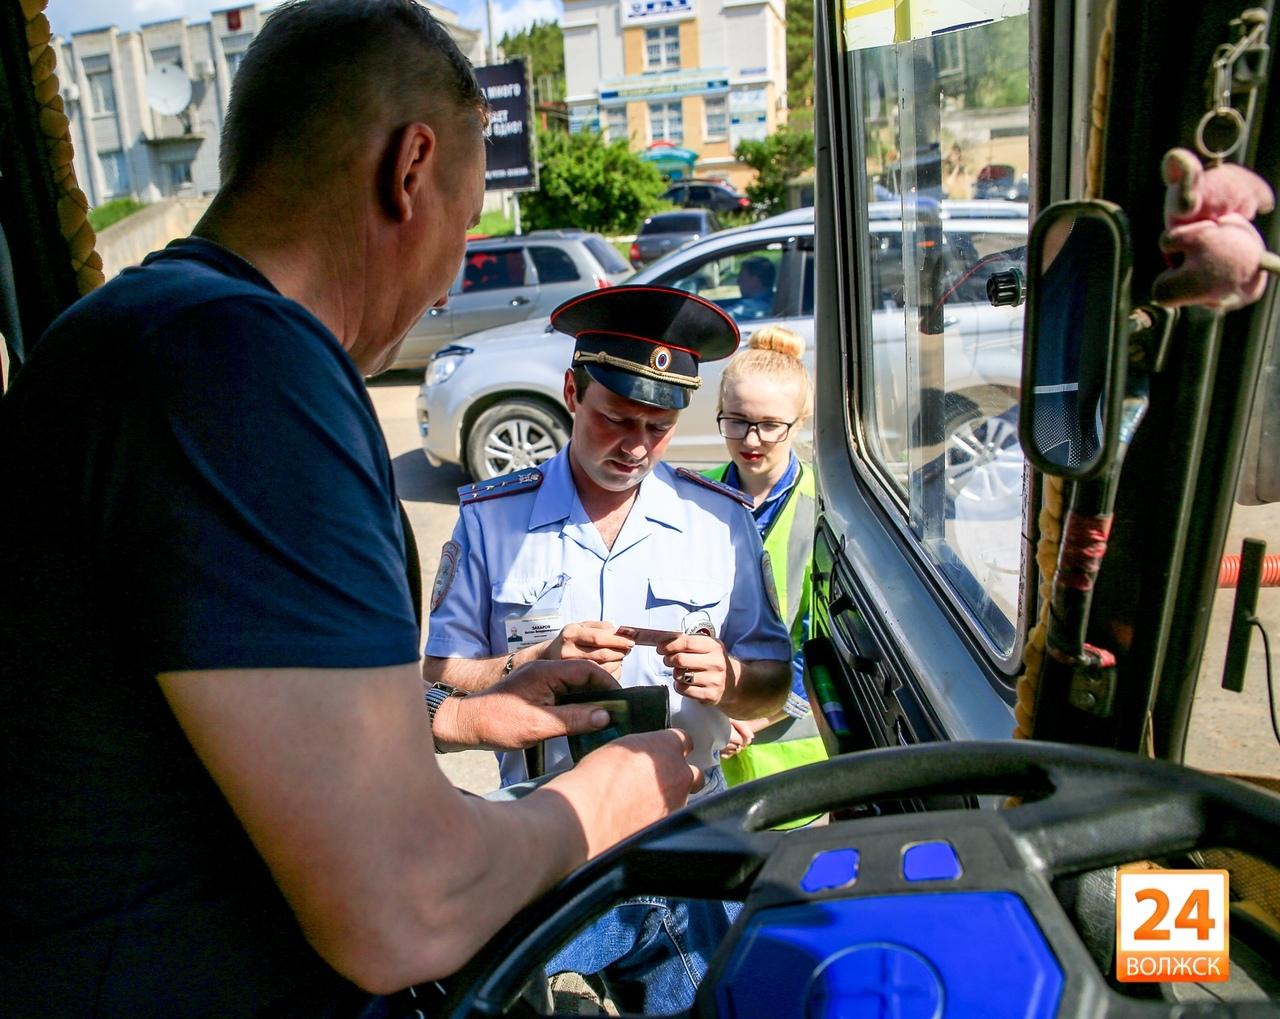 Волжские автобусы - в центре внимания ГИБДД.